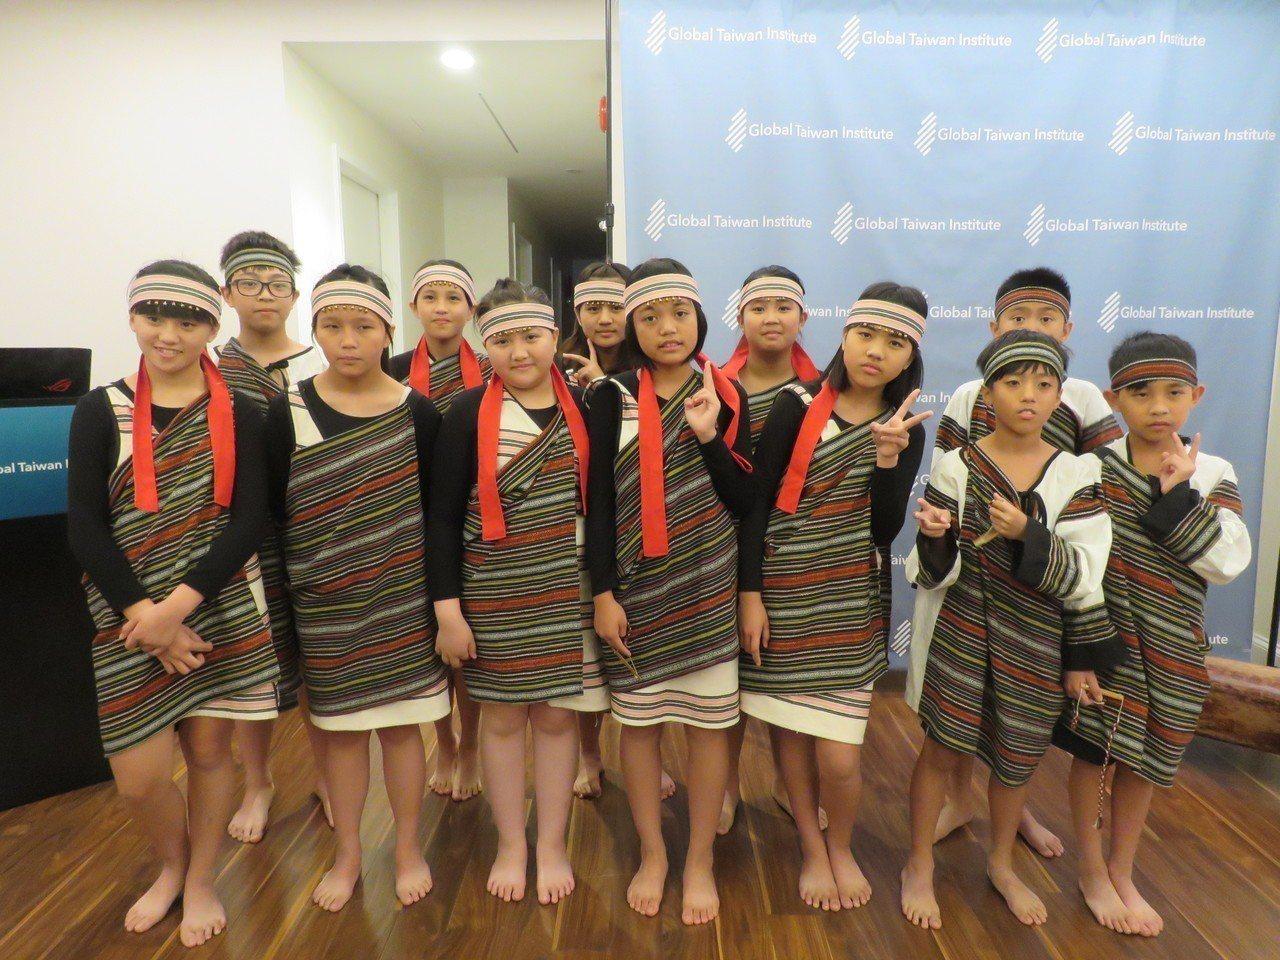 華府智庫全球台灣研究中心25日舉辦台灣文化活動,台中博屋瑪國小學生帶來原住民歌舞...